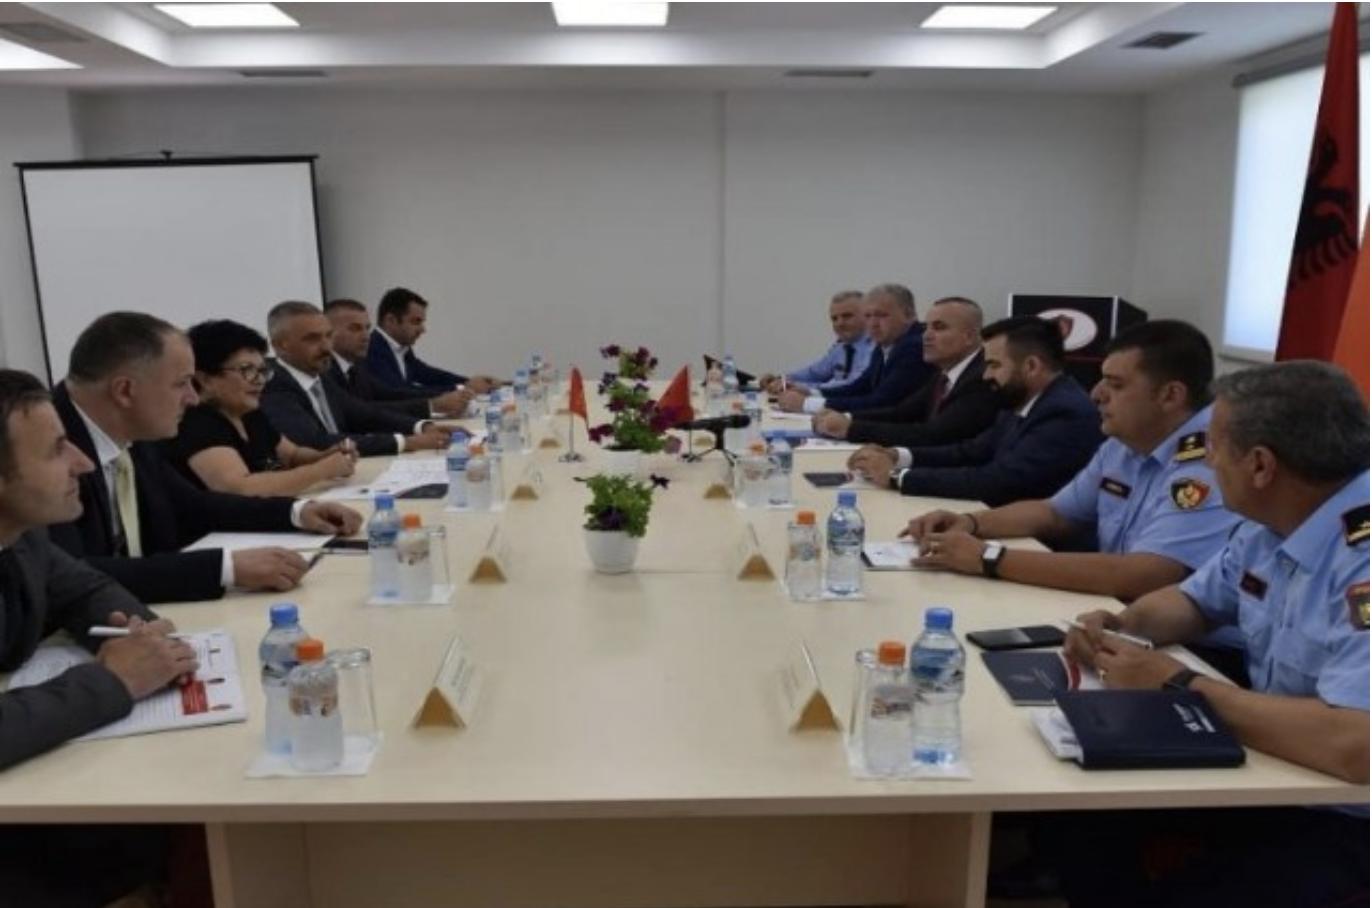 Albanija i Crna Gora potpisale protokol o saradnji policijskih snaga